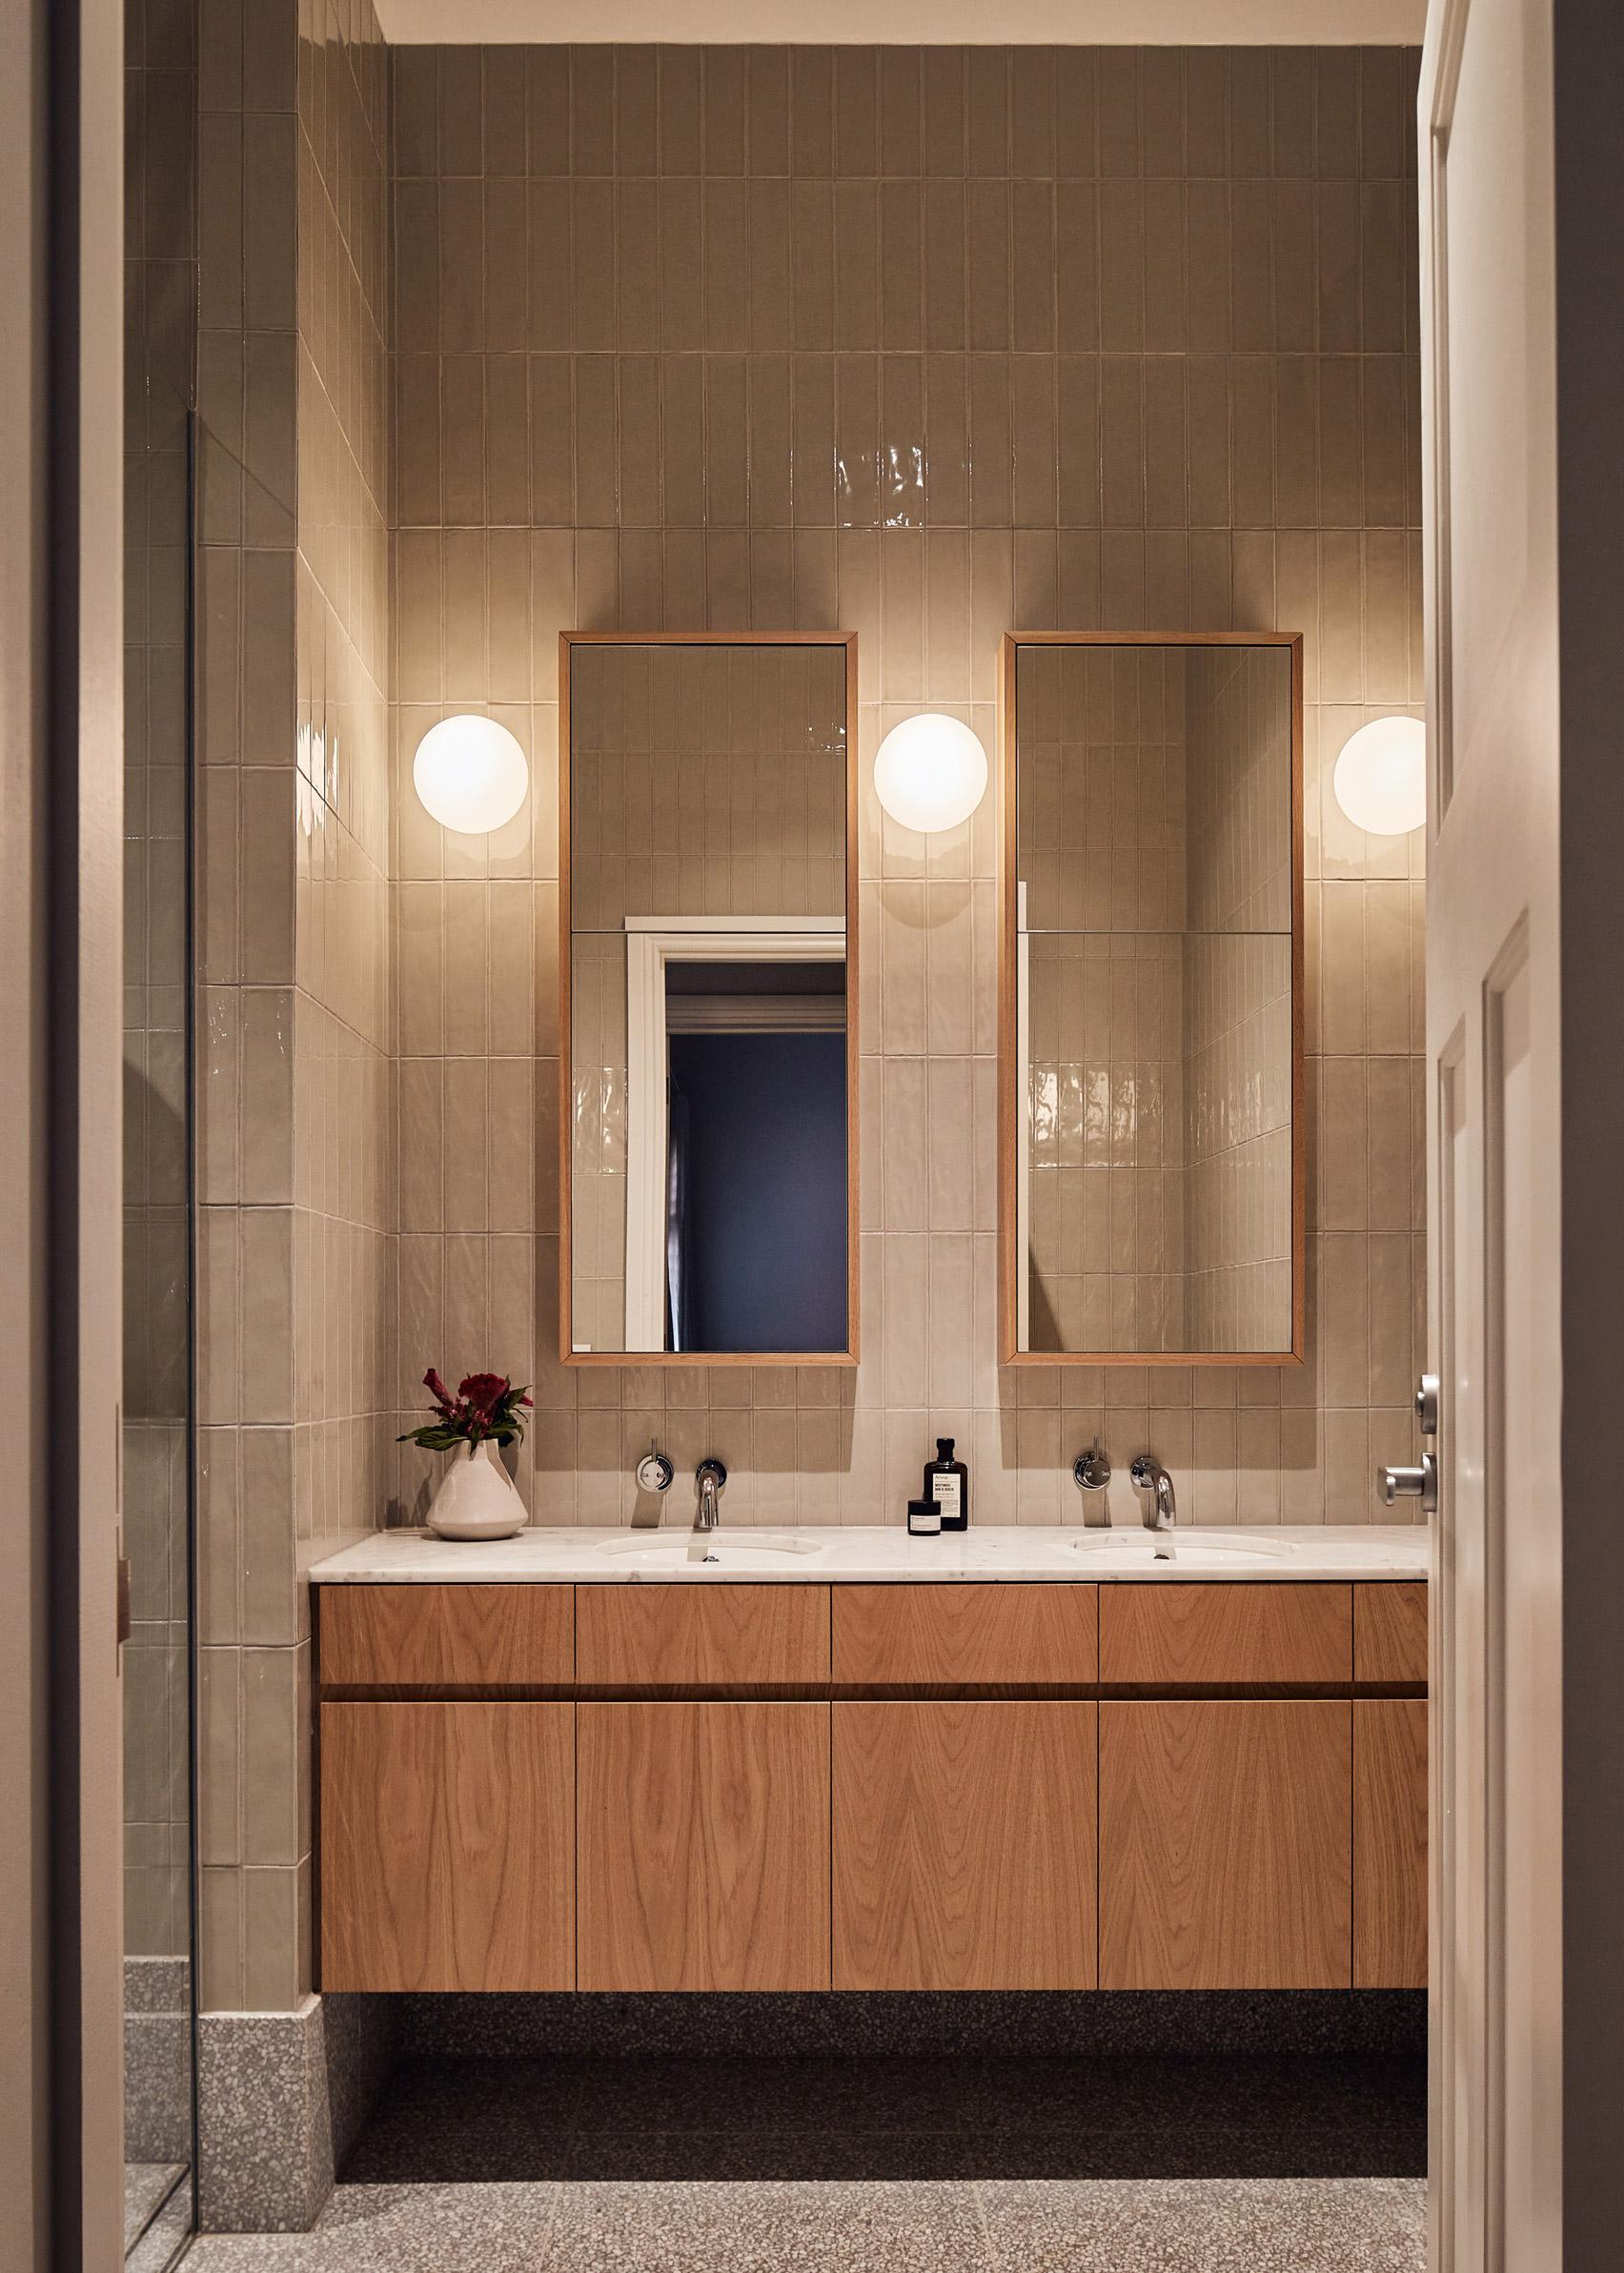 Thiết kế nội thất căn hộ đẹp 11